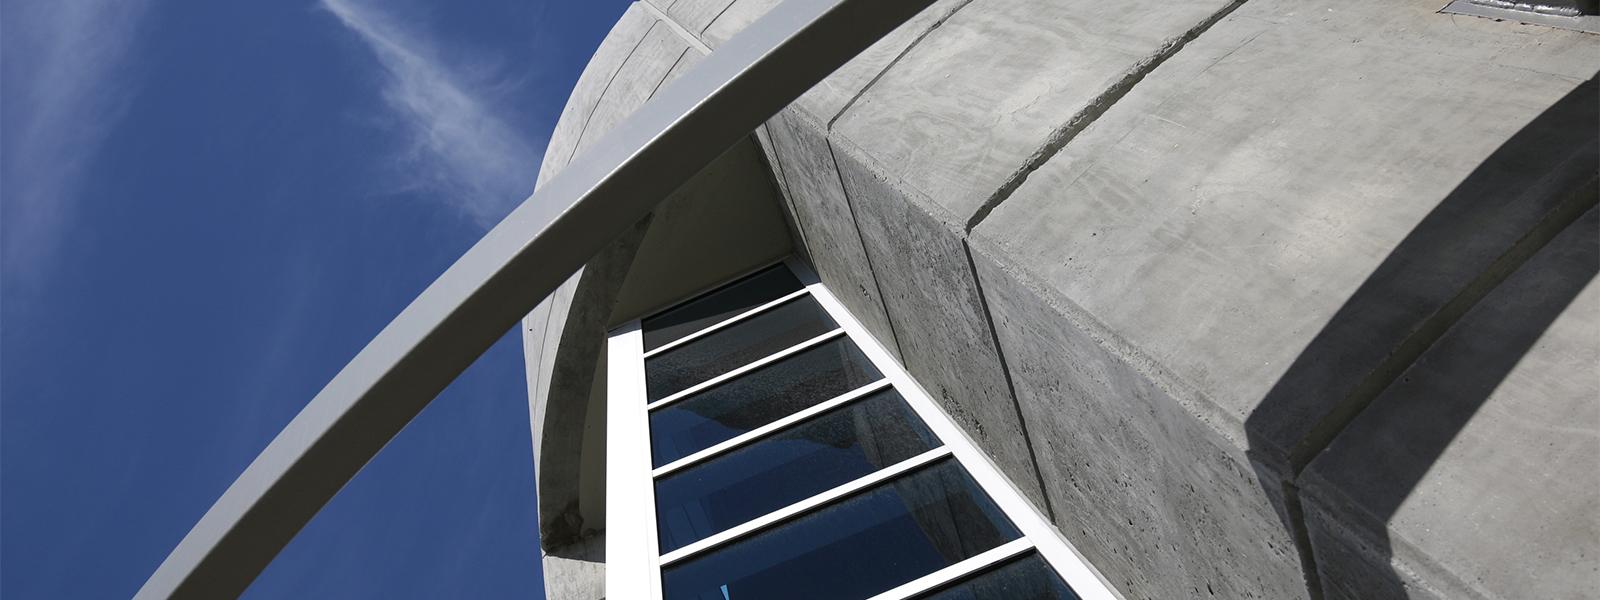 10 Edelman, Ware Malcomb's Corporate Headquarters in at 10 Edelman Irvine, CA